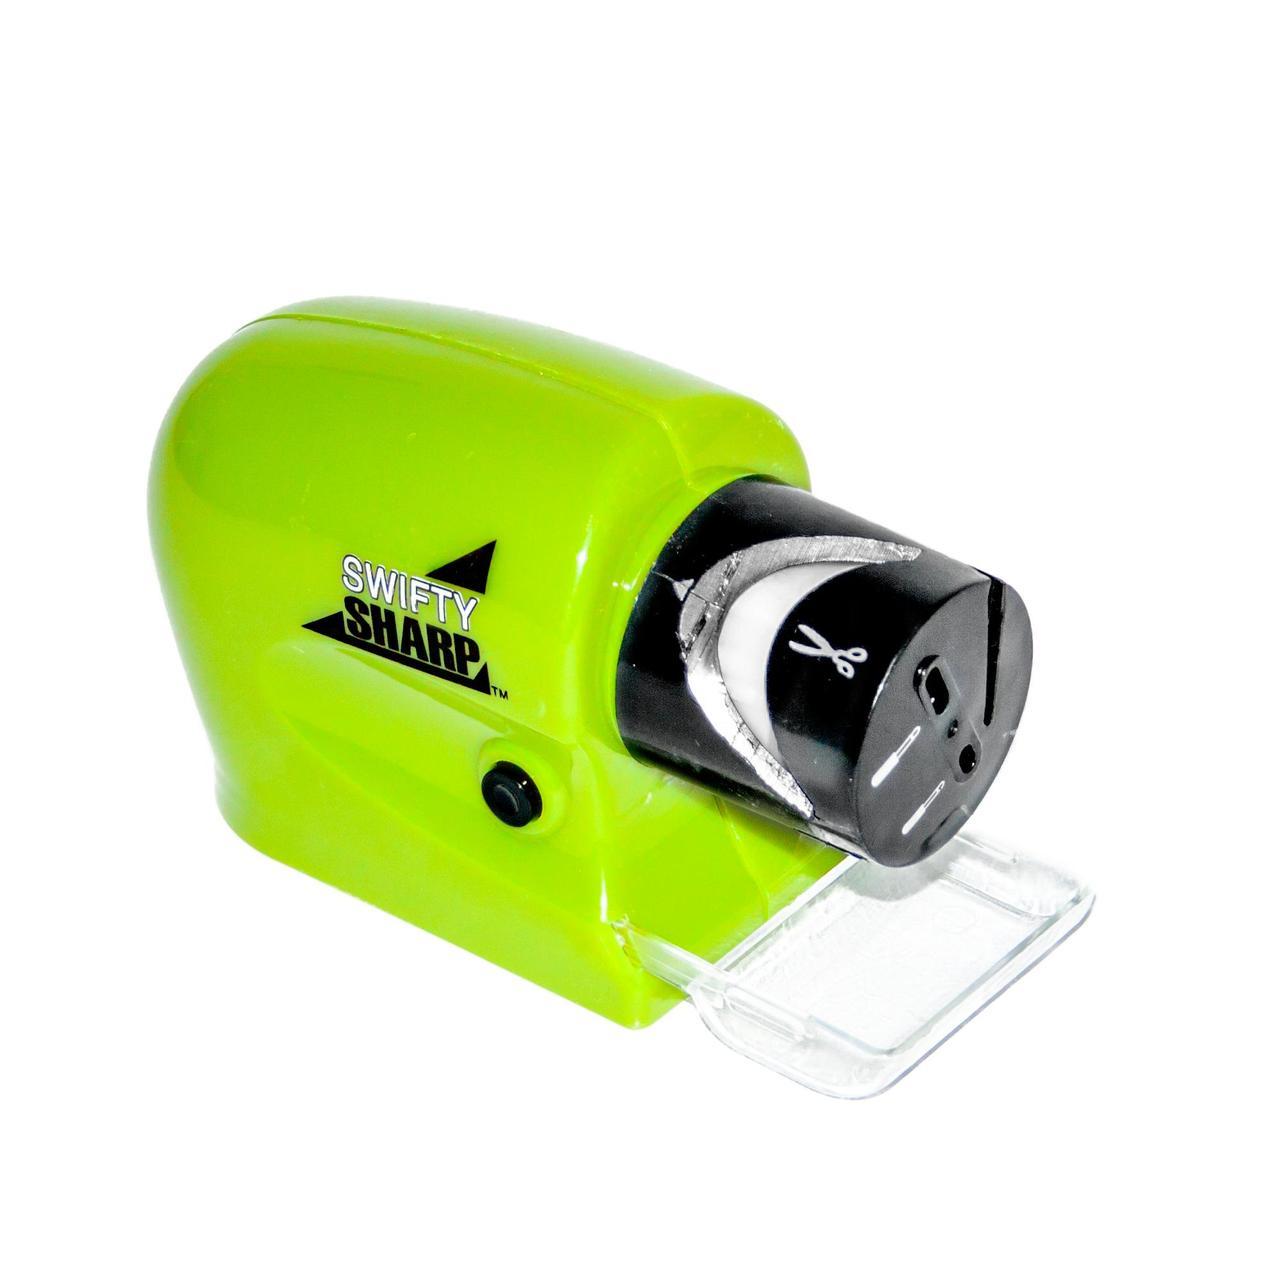 Электрическая точилка для ножей WL Swifty Sharp Зеленый (W/4422)